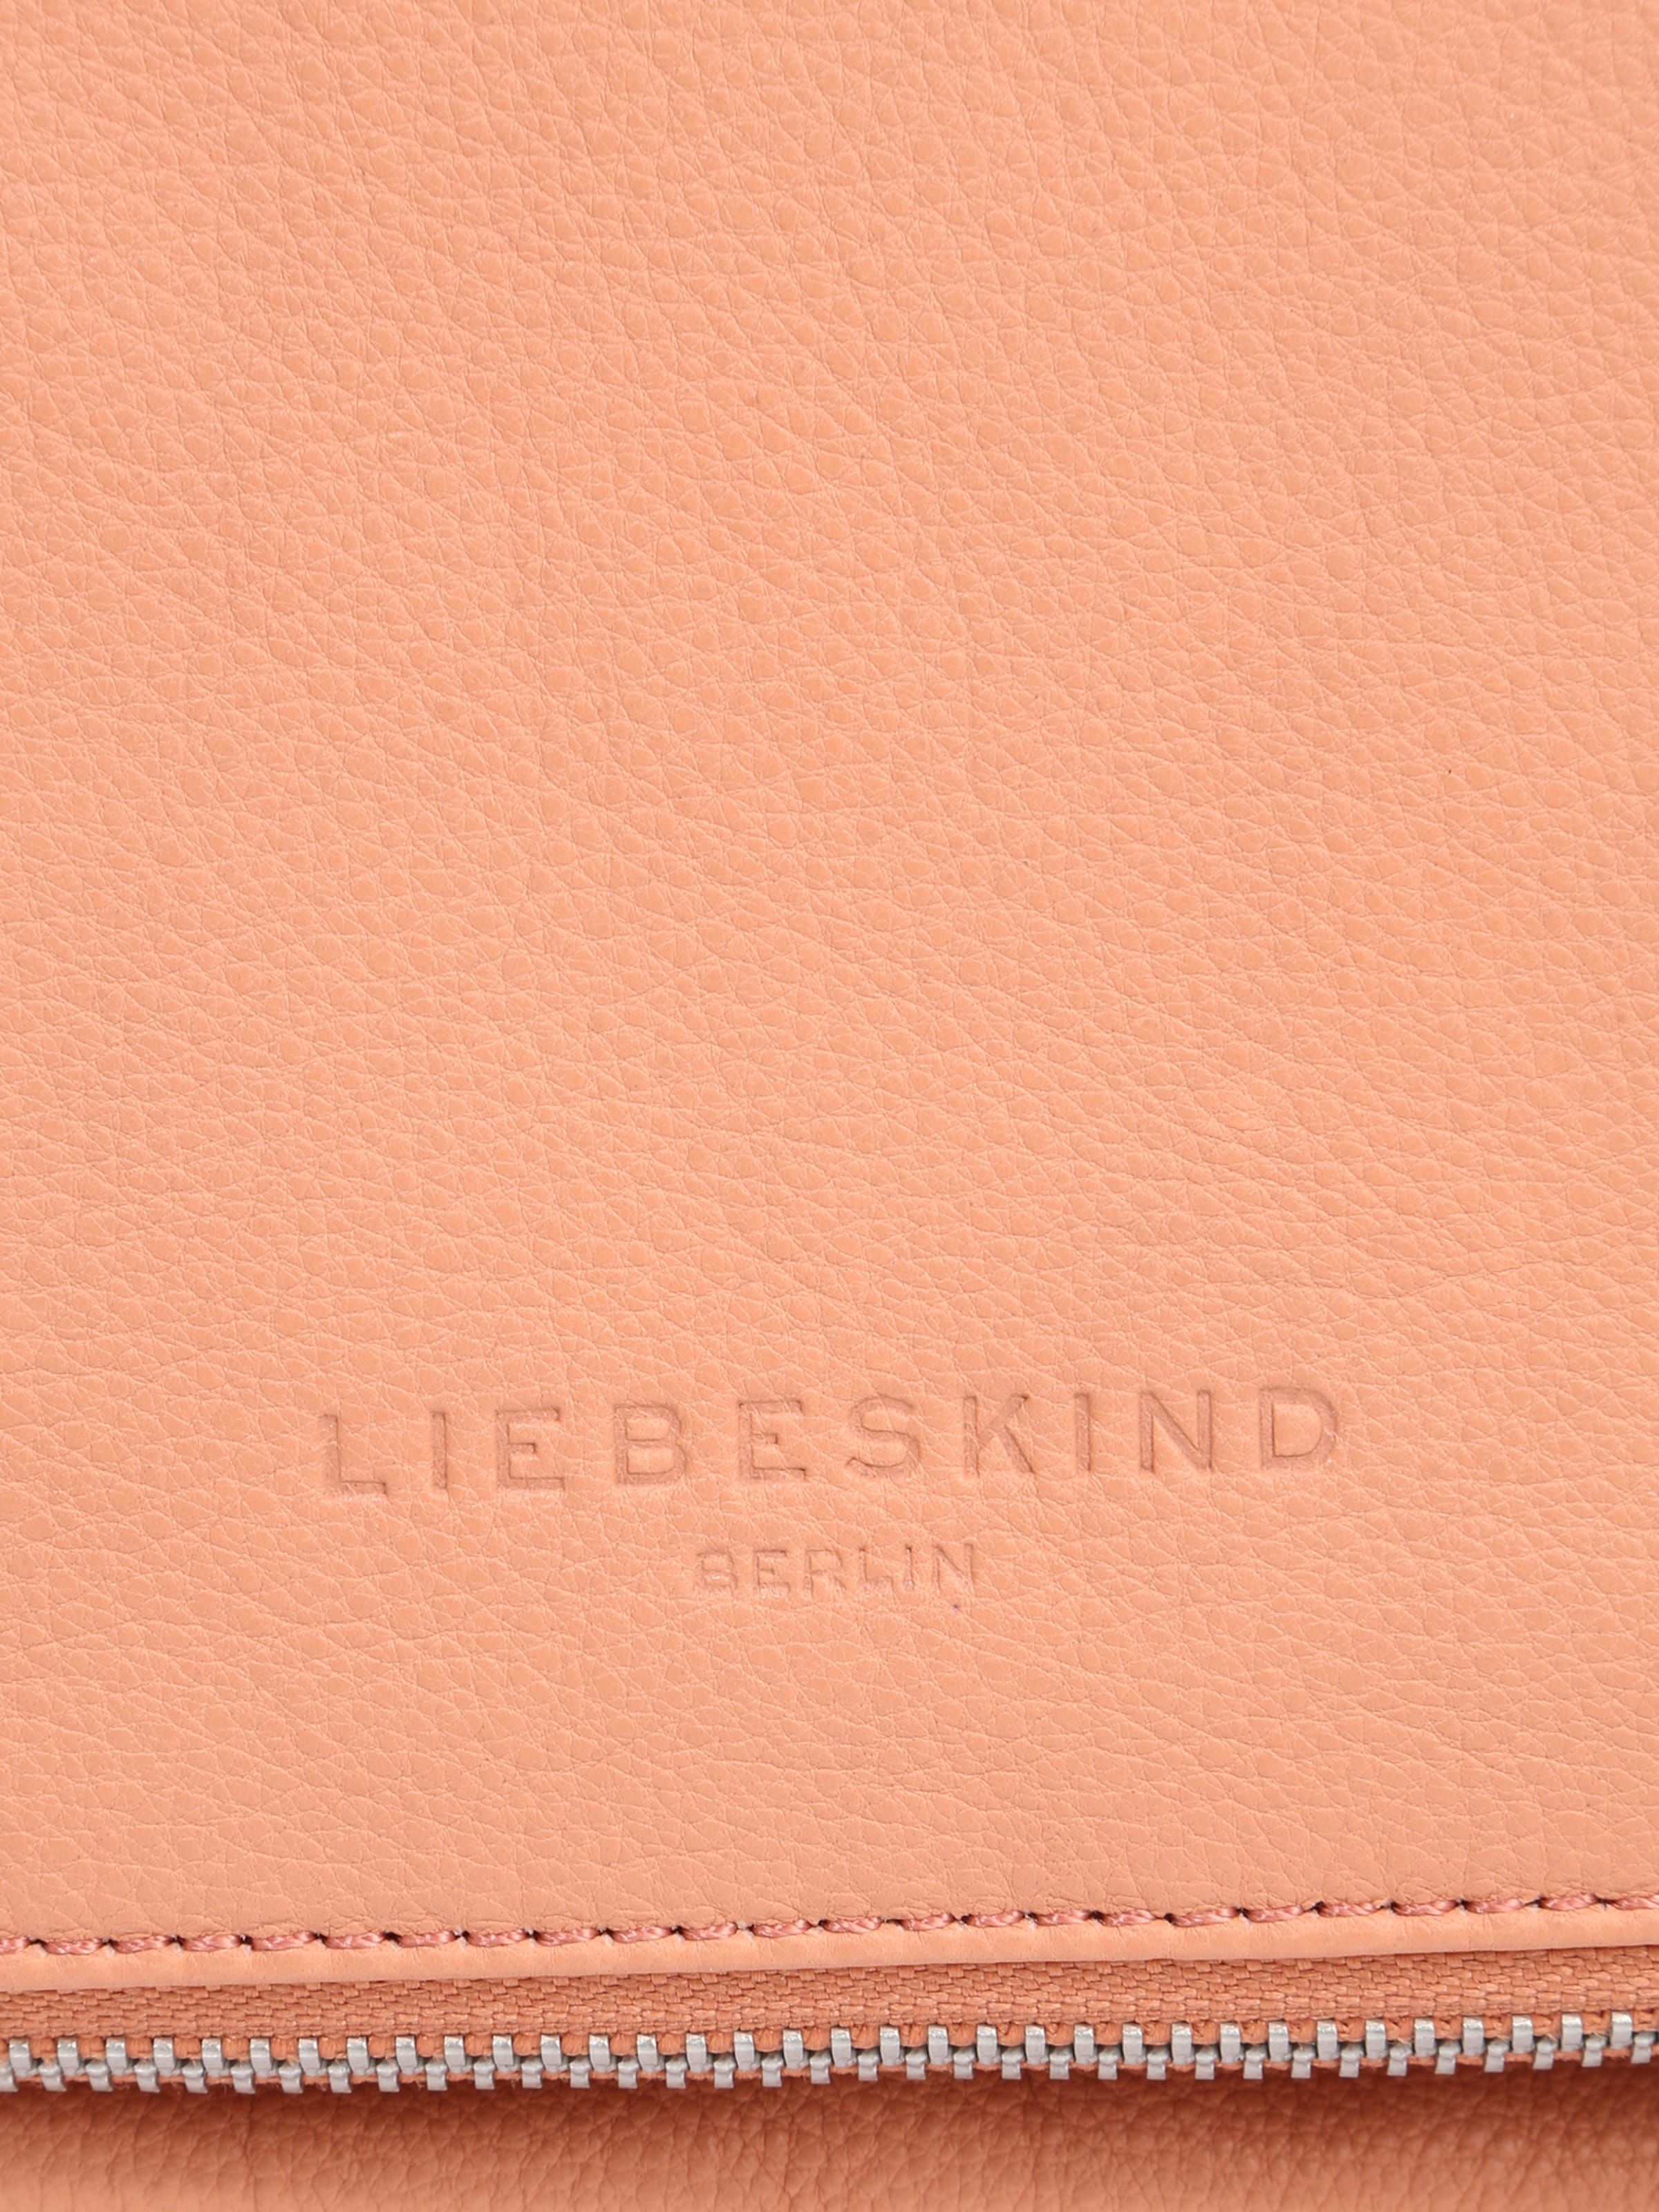 Liebeskind Berlin Umhängetasche 'AloeF8 Vintage' 2018 Neuer Günstiger Preis Sehr Günstiger Preis Beste Preise Im Netz Kosten Verkauf Online Billig Verkaufen Bilder kS5rWzMgOP